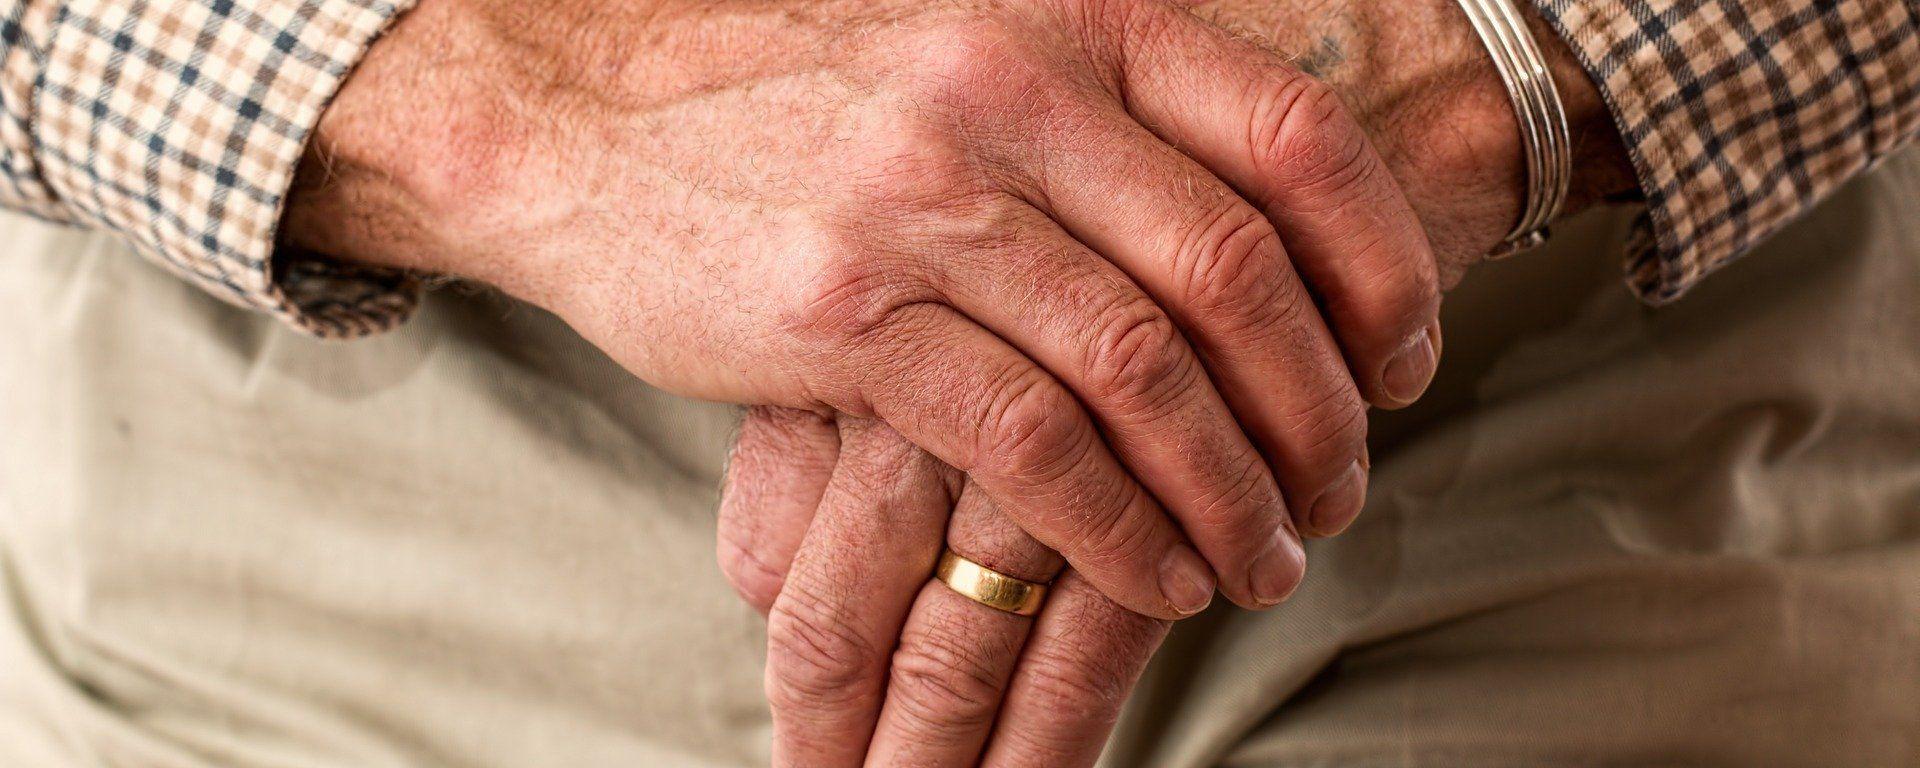 Τα χέρια ενός ηλικιωμένου άντρα (φωτ. αρχείου) - Sputnik Ελλάδα, 1920, 13.10.2021